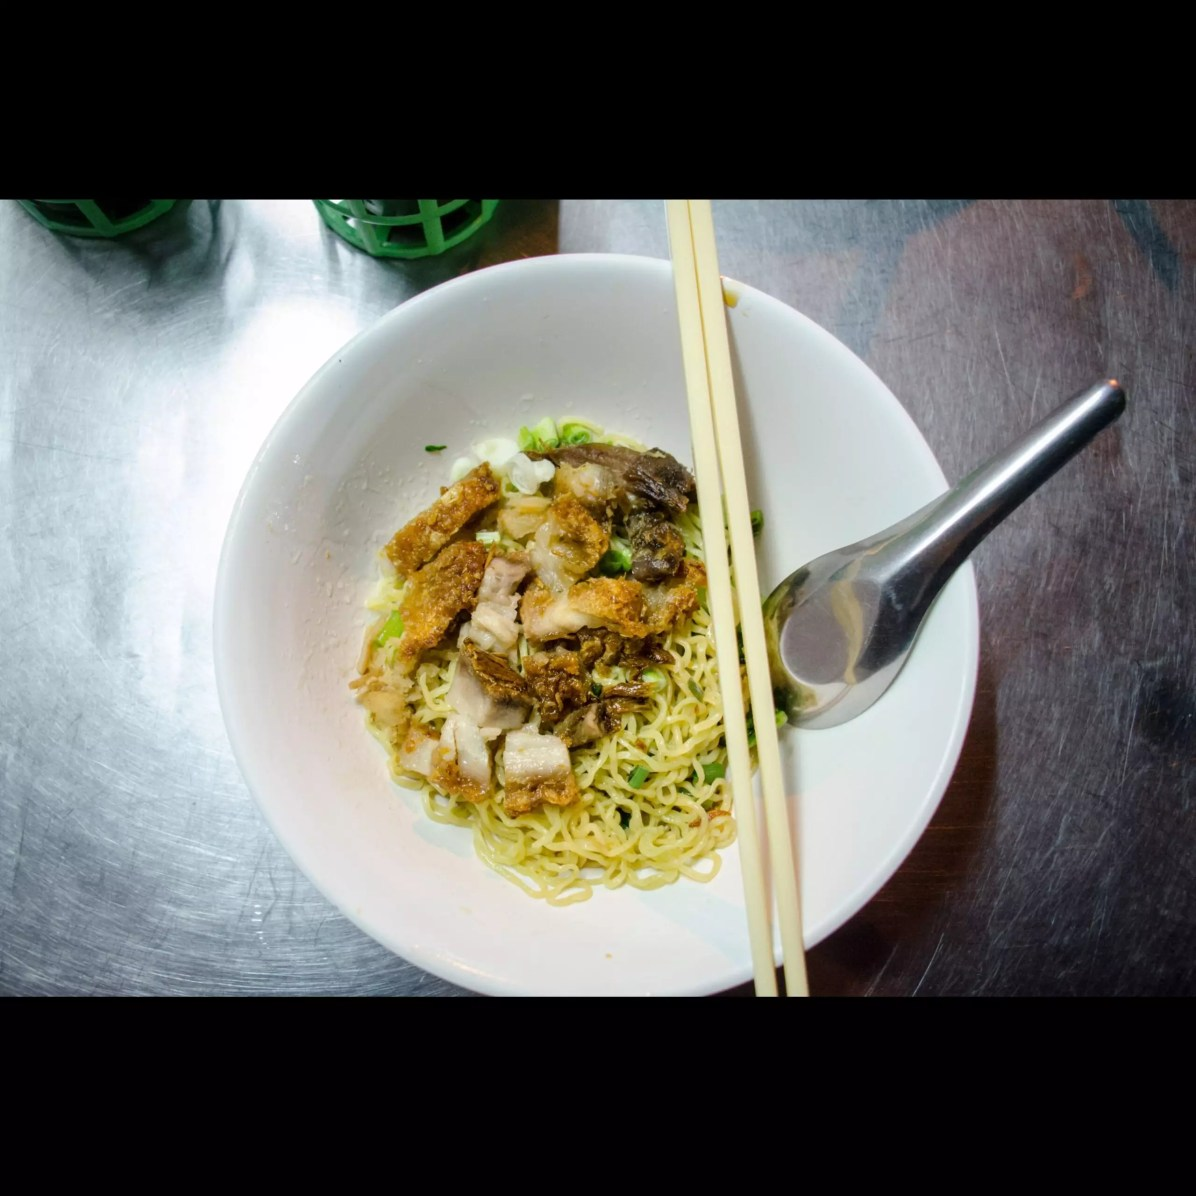 Bangkok Thai Cuisine: Crispy Pork and Noodles